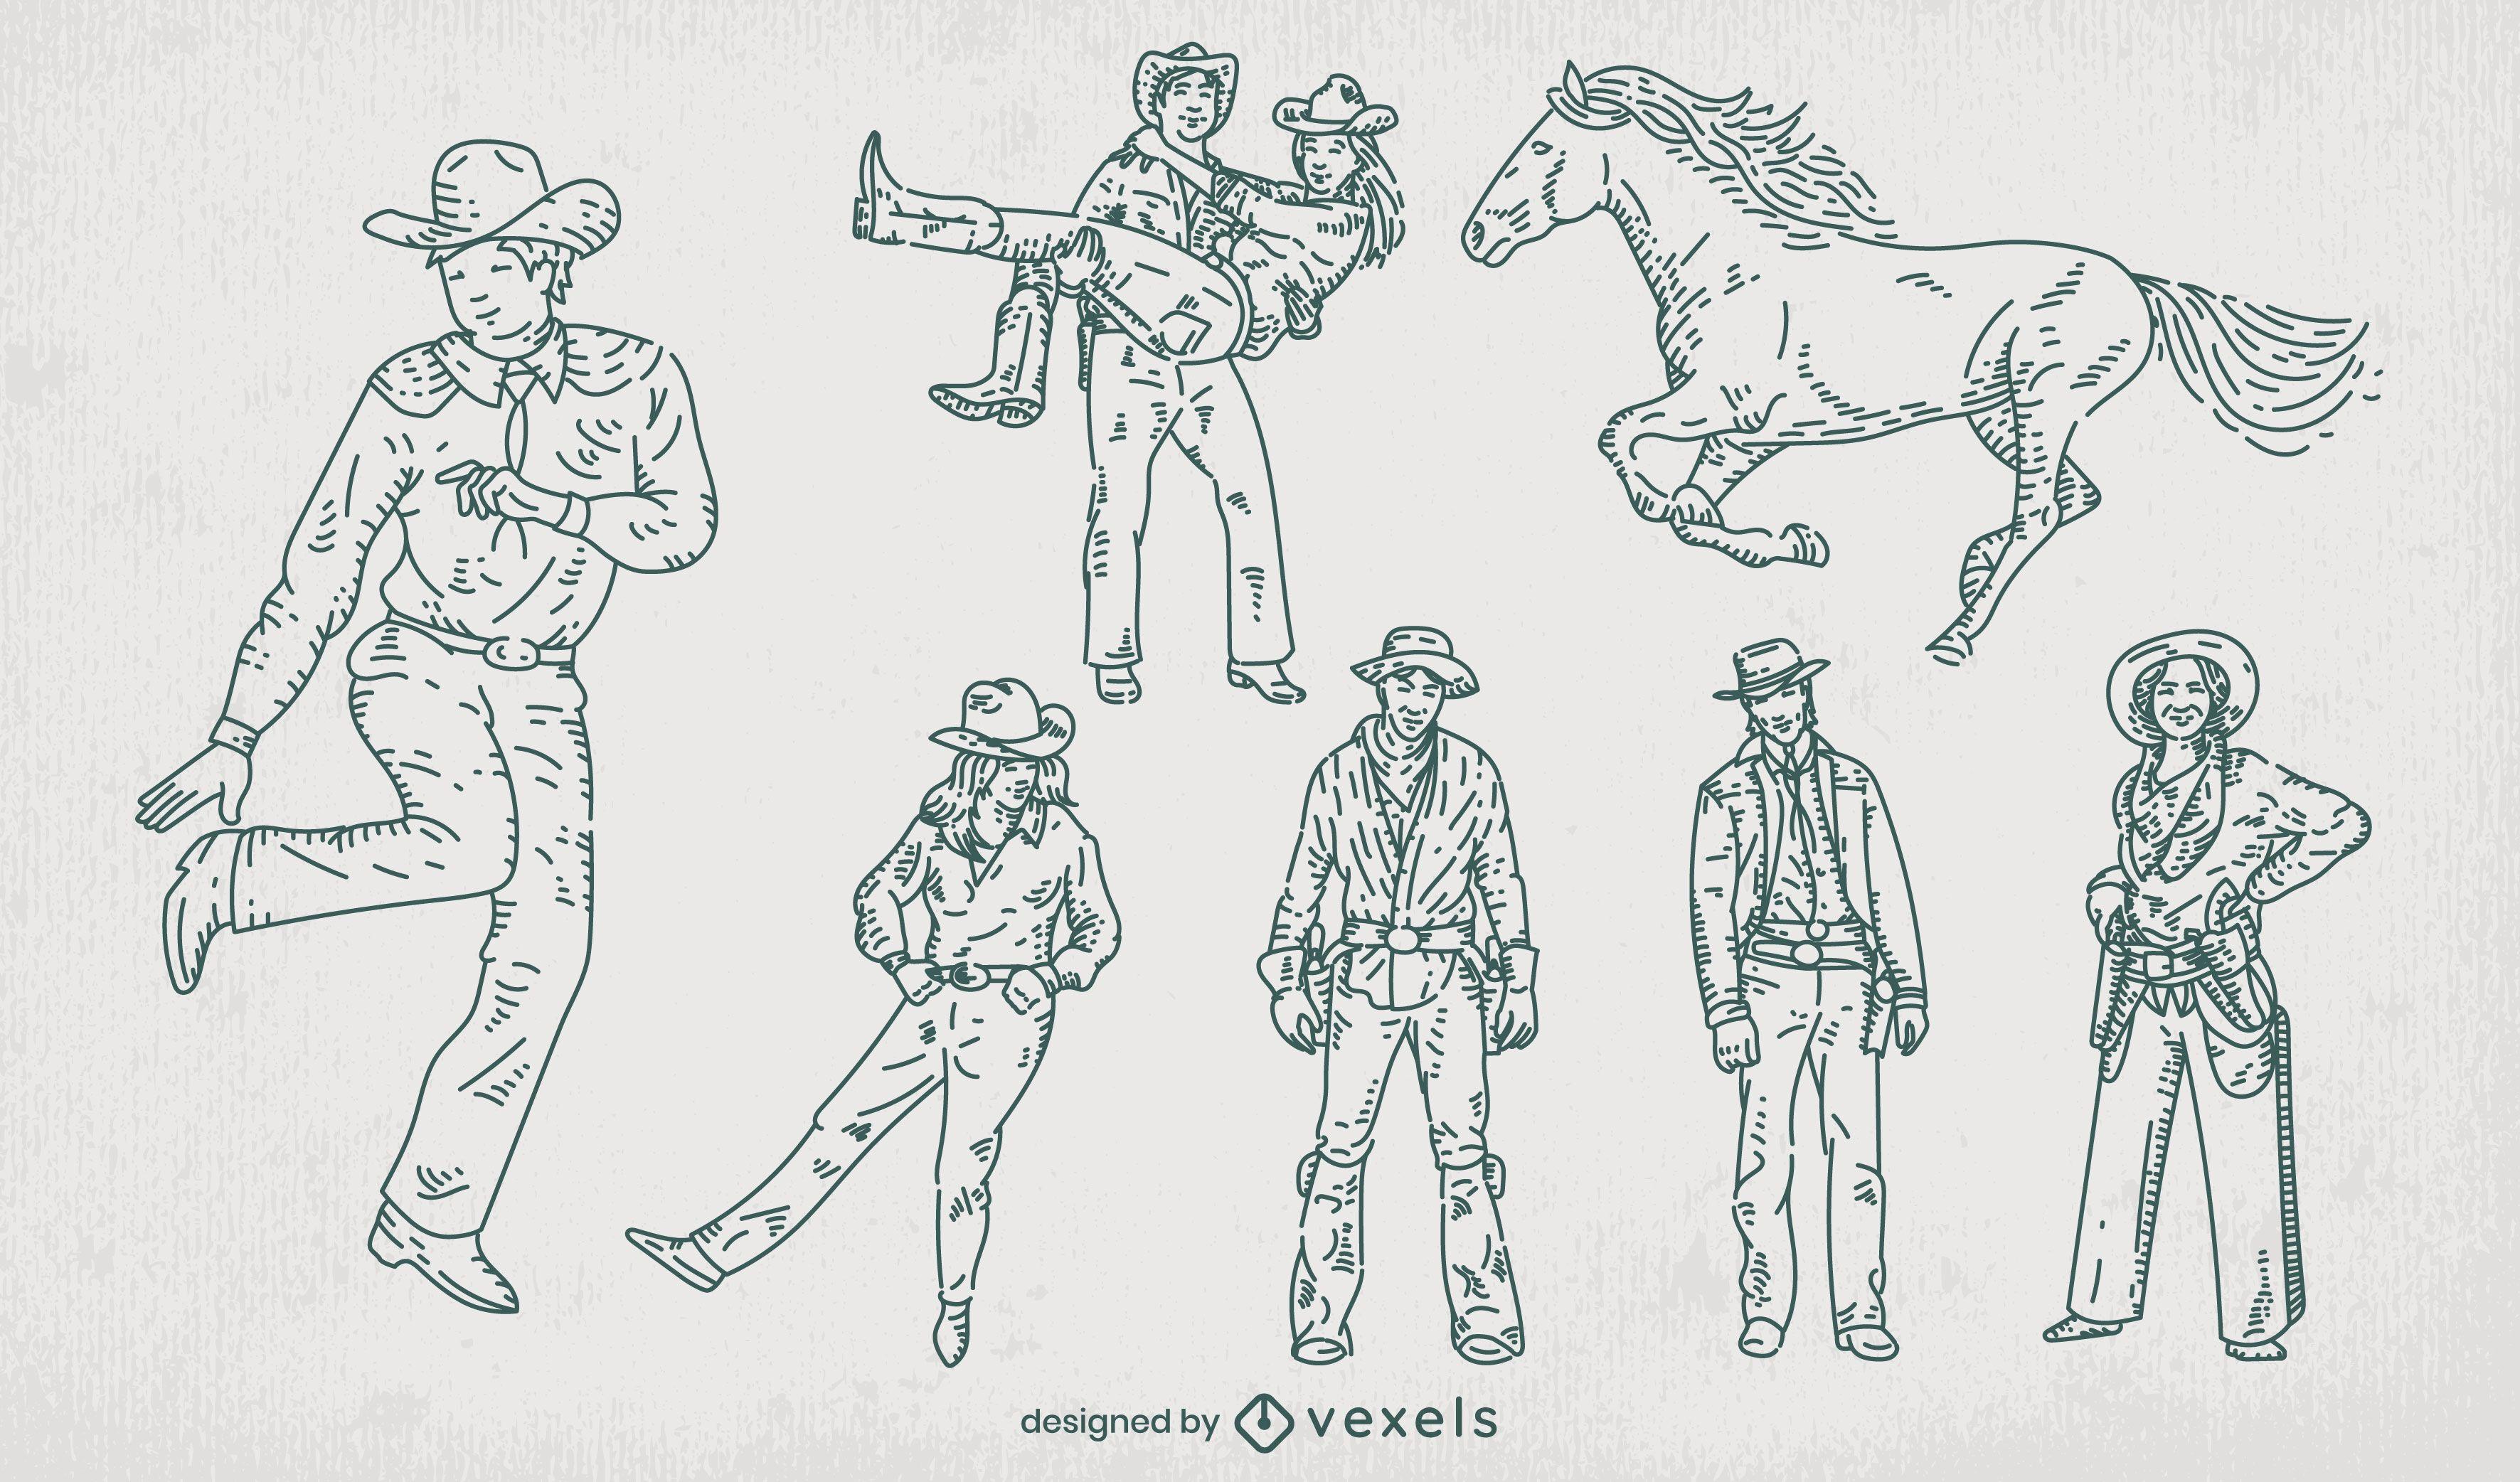 Conjunto de elementos dibujados a mano rancho vaquero